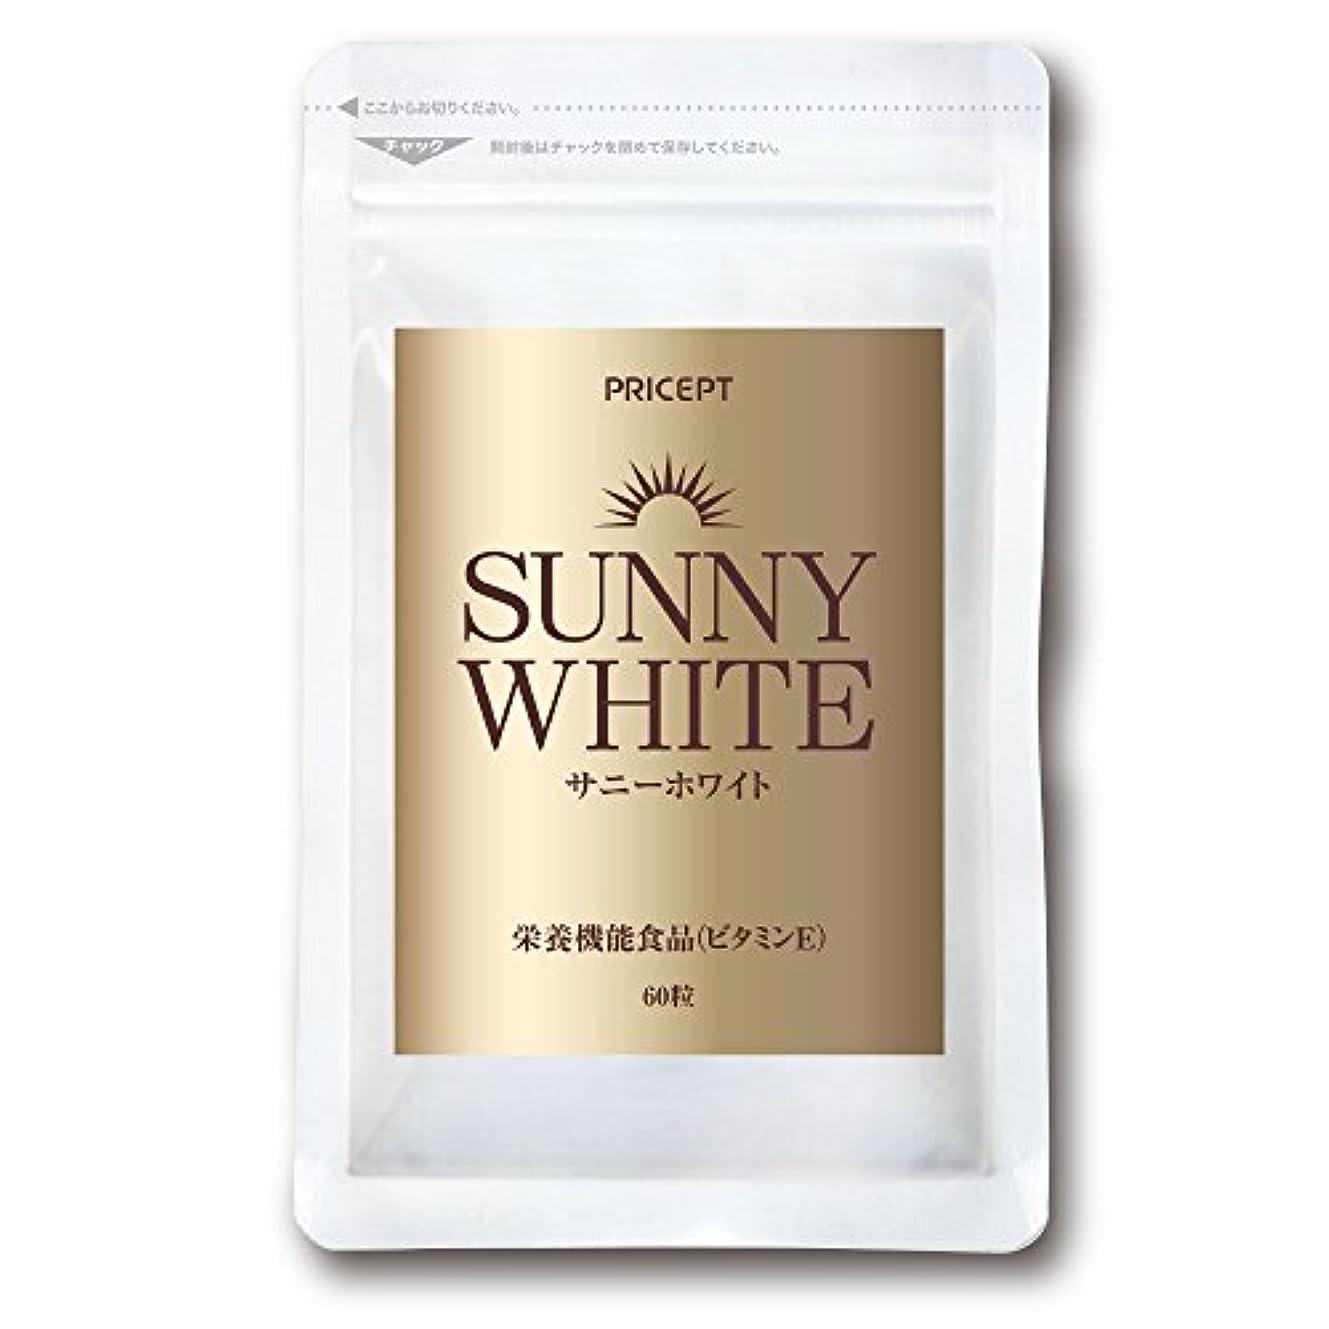 保存対人一次【在庫過多のため訳あり】プリセプト サニーホワイト(60粒)栄養機能食品(ビタミンE) ニュートロックスサン 日傘サプリ 日焼け UV 日差し (単品)【賞味期限:2020年4月3日】